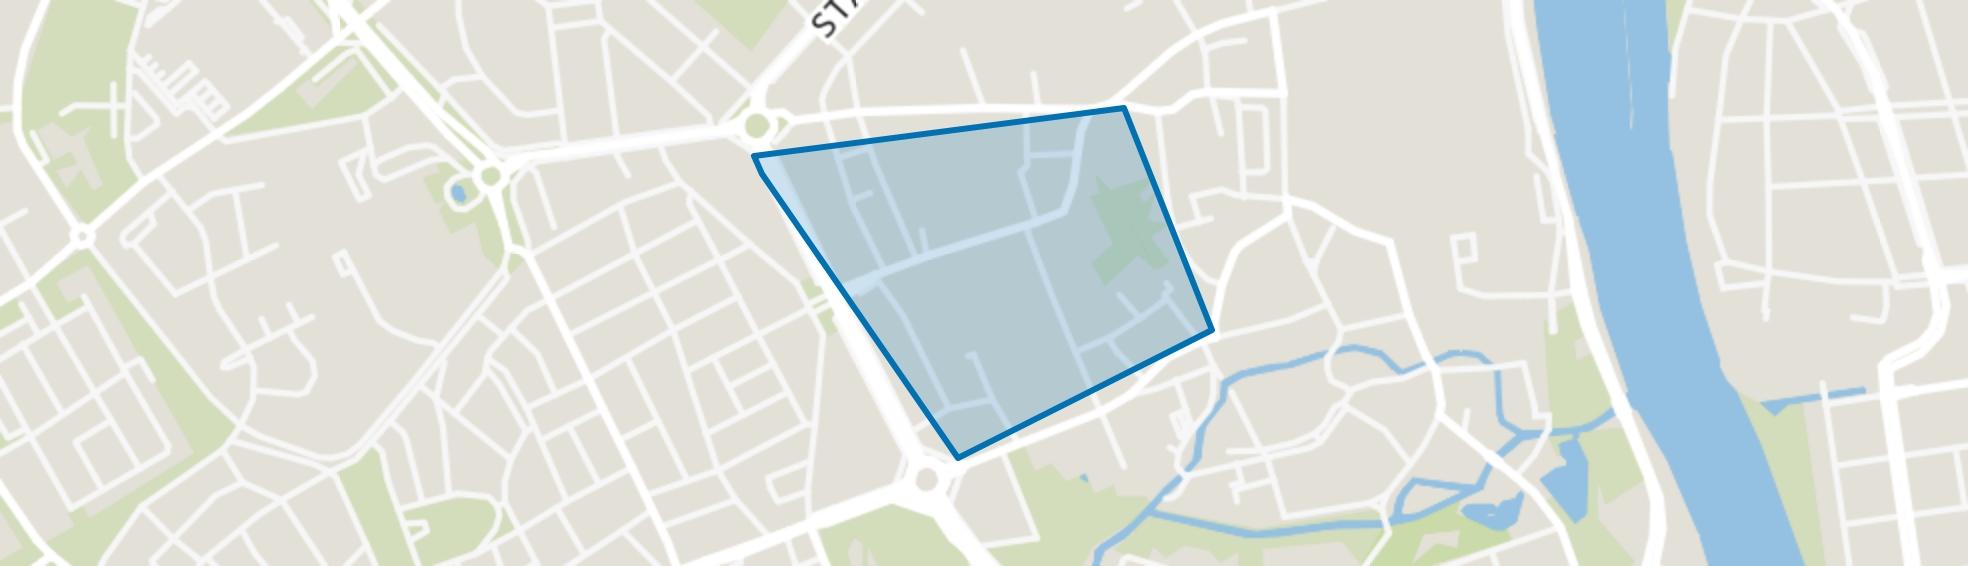 Kommelkwartier, Maastricht map